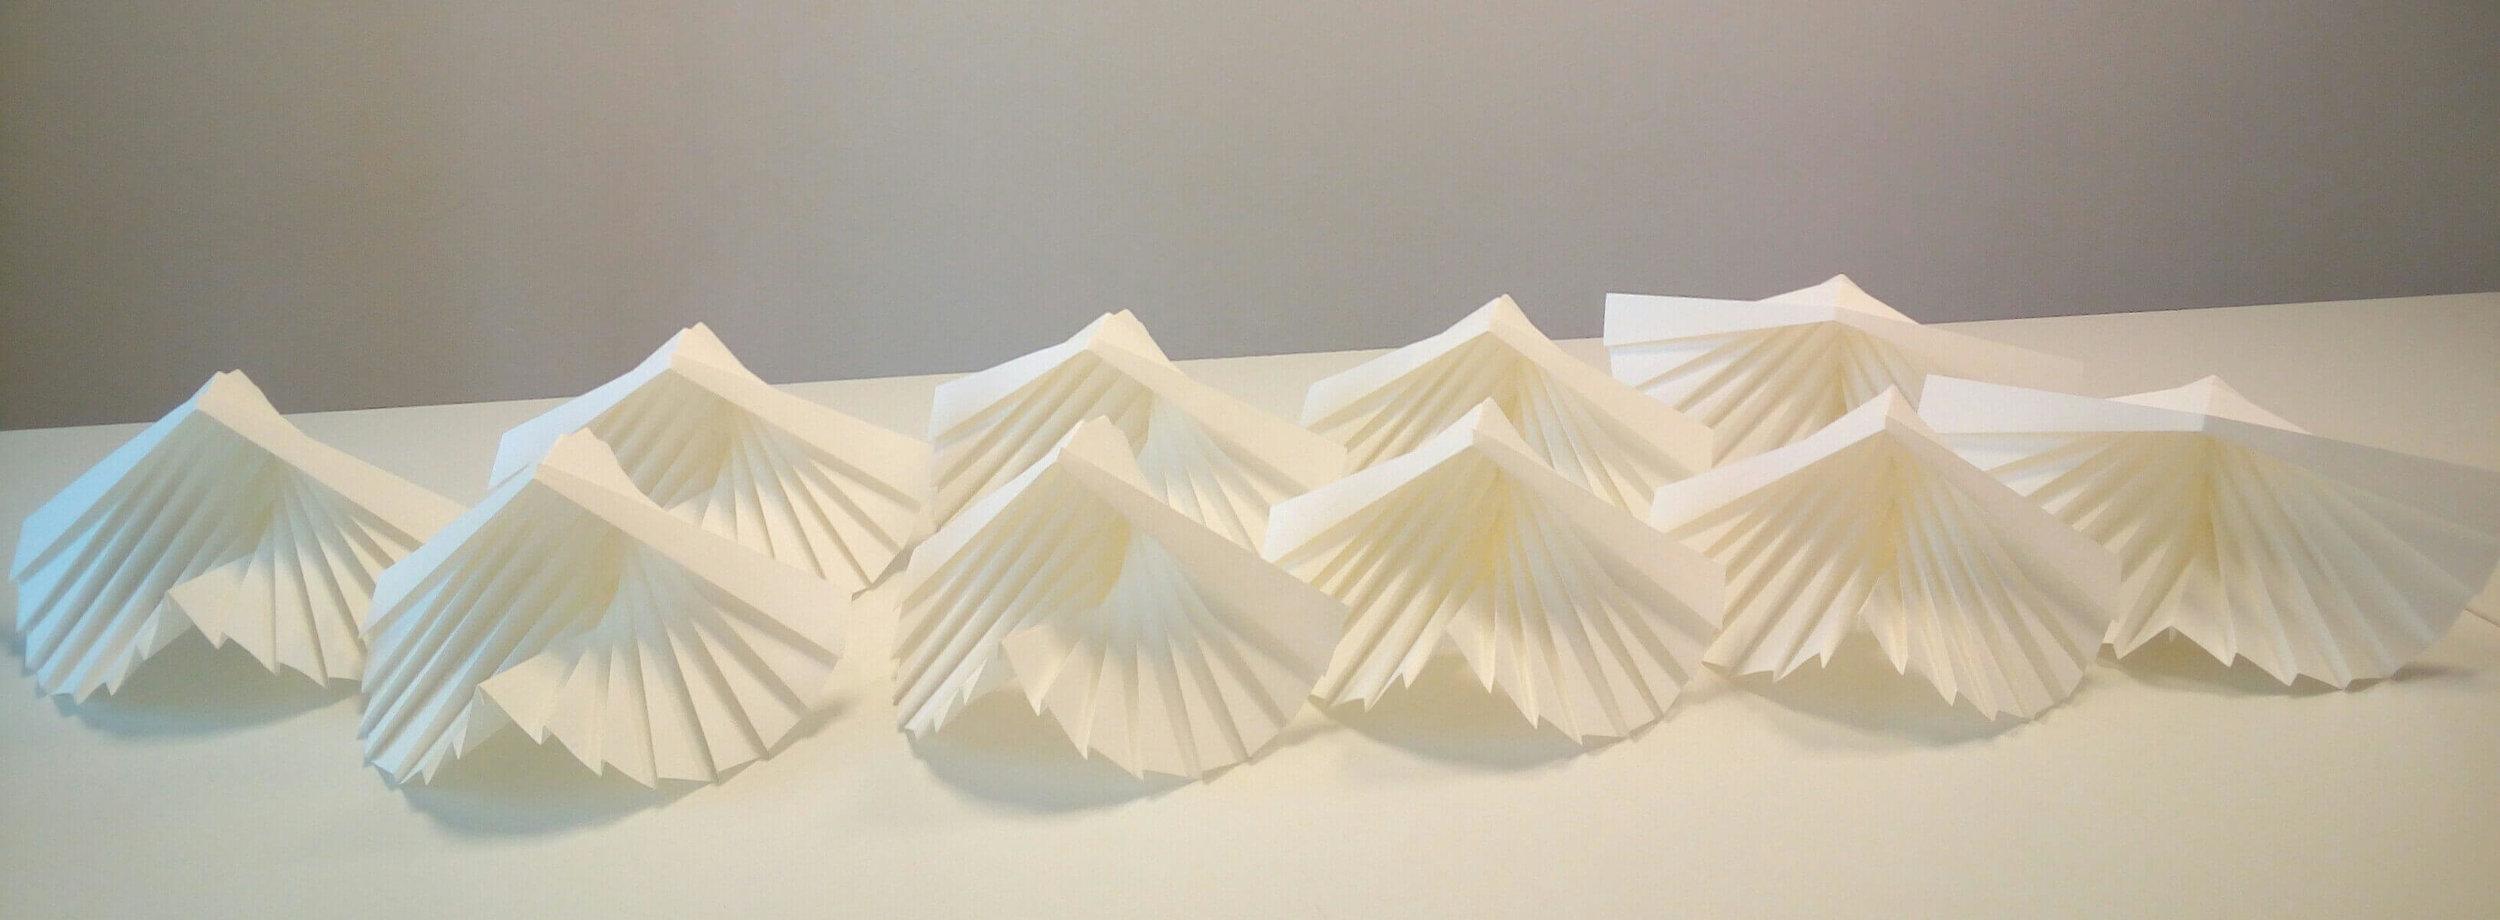 arquitectura-do-papel-curso-dario-zeruto6.jpg